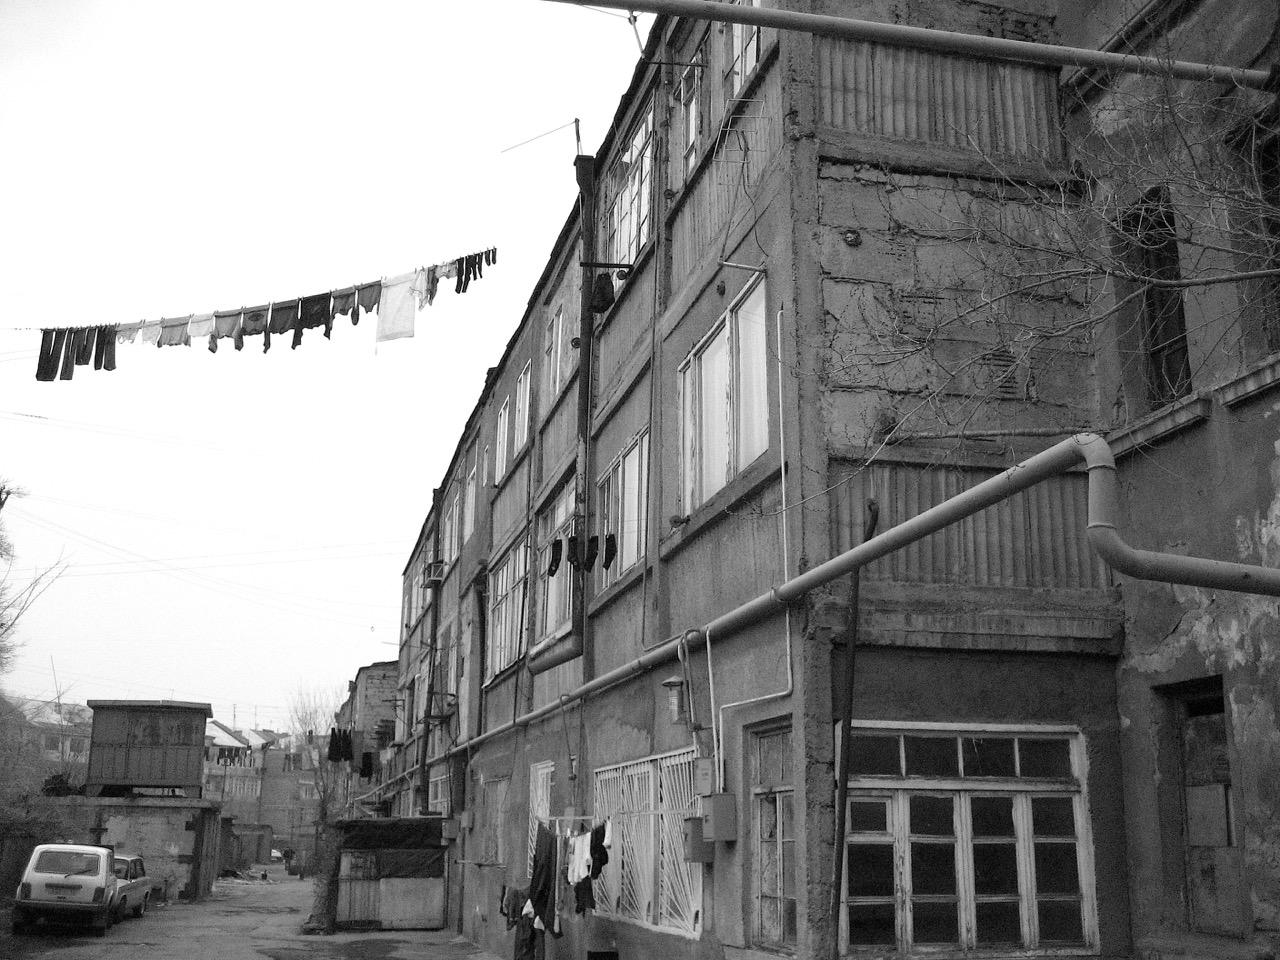 Foto: Wäscheleine. Aus: Eriwan. Kapitel 3. Aufzeichnungen aus Armenien von Marc Degens.